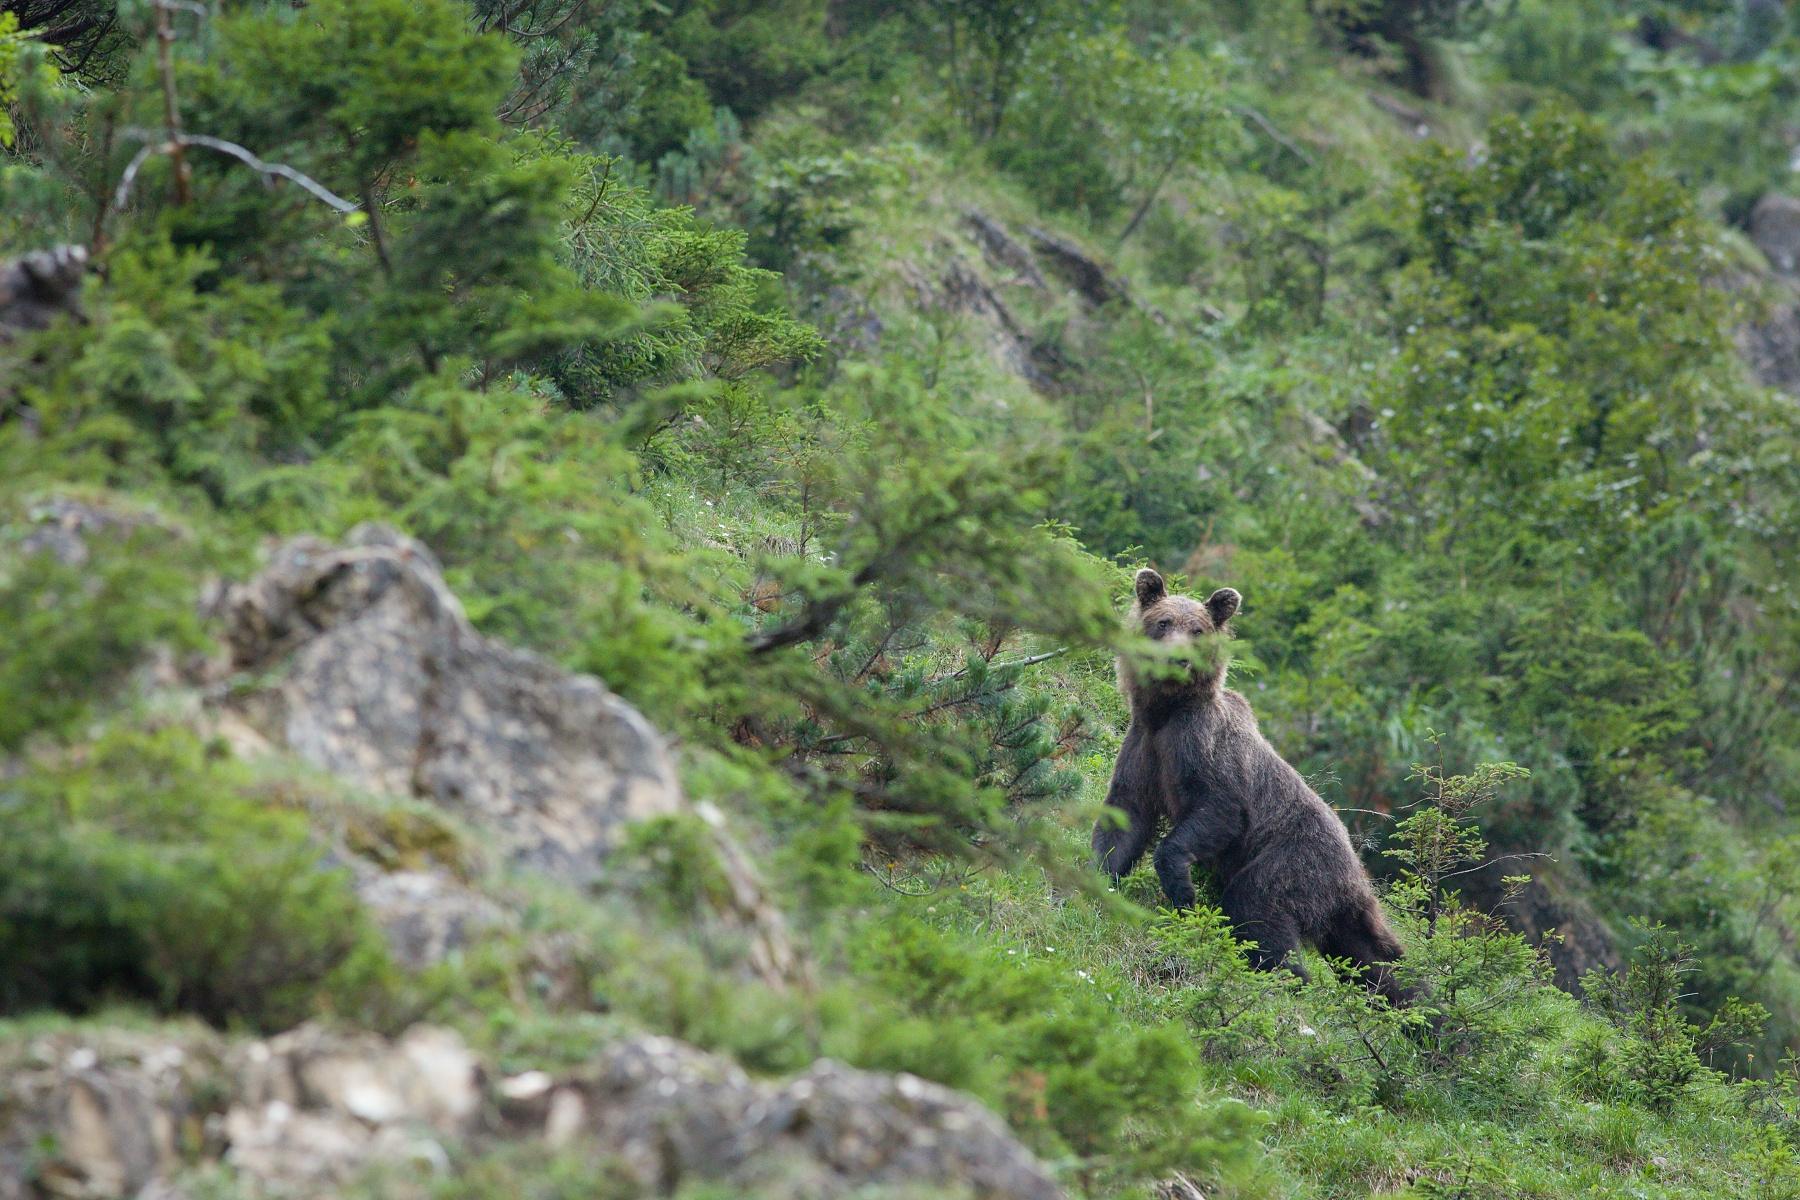 medveď hnedý (Ursus arctos) Brown bear, Valea Arpasului, Munții Făgăraș, Romania Canon EOS 5D mark III, Canon 400 mm f5.6 L USM, f6.3, 1/125, ISO 2000, 31. august 2018